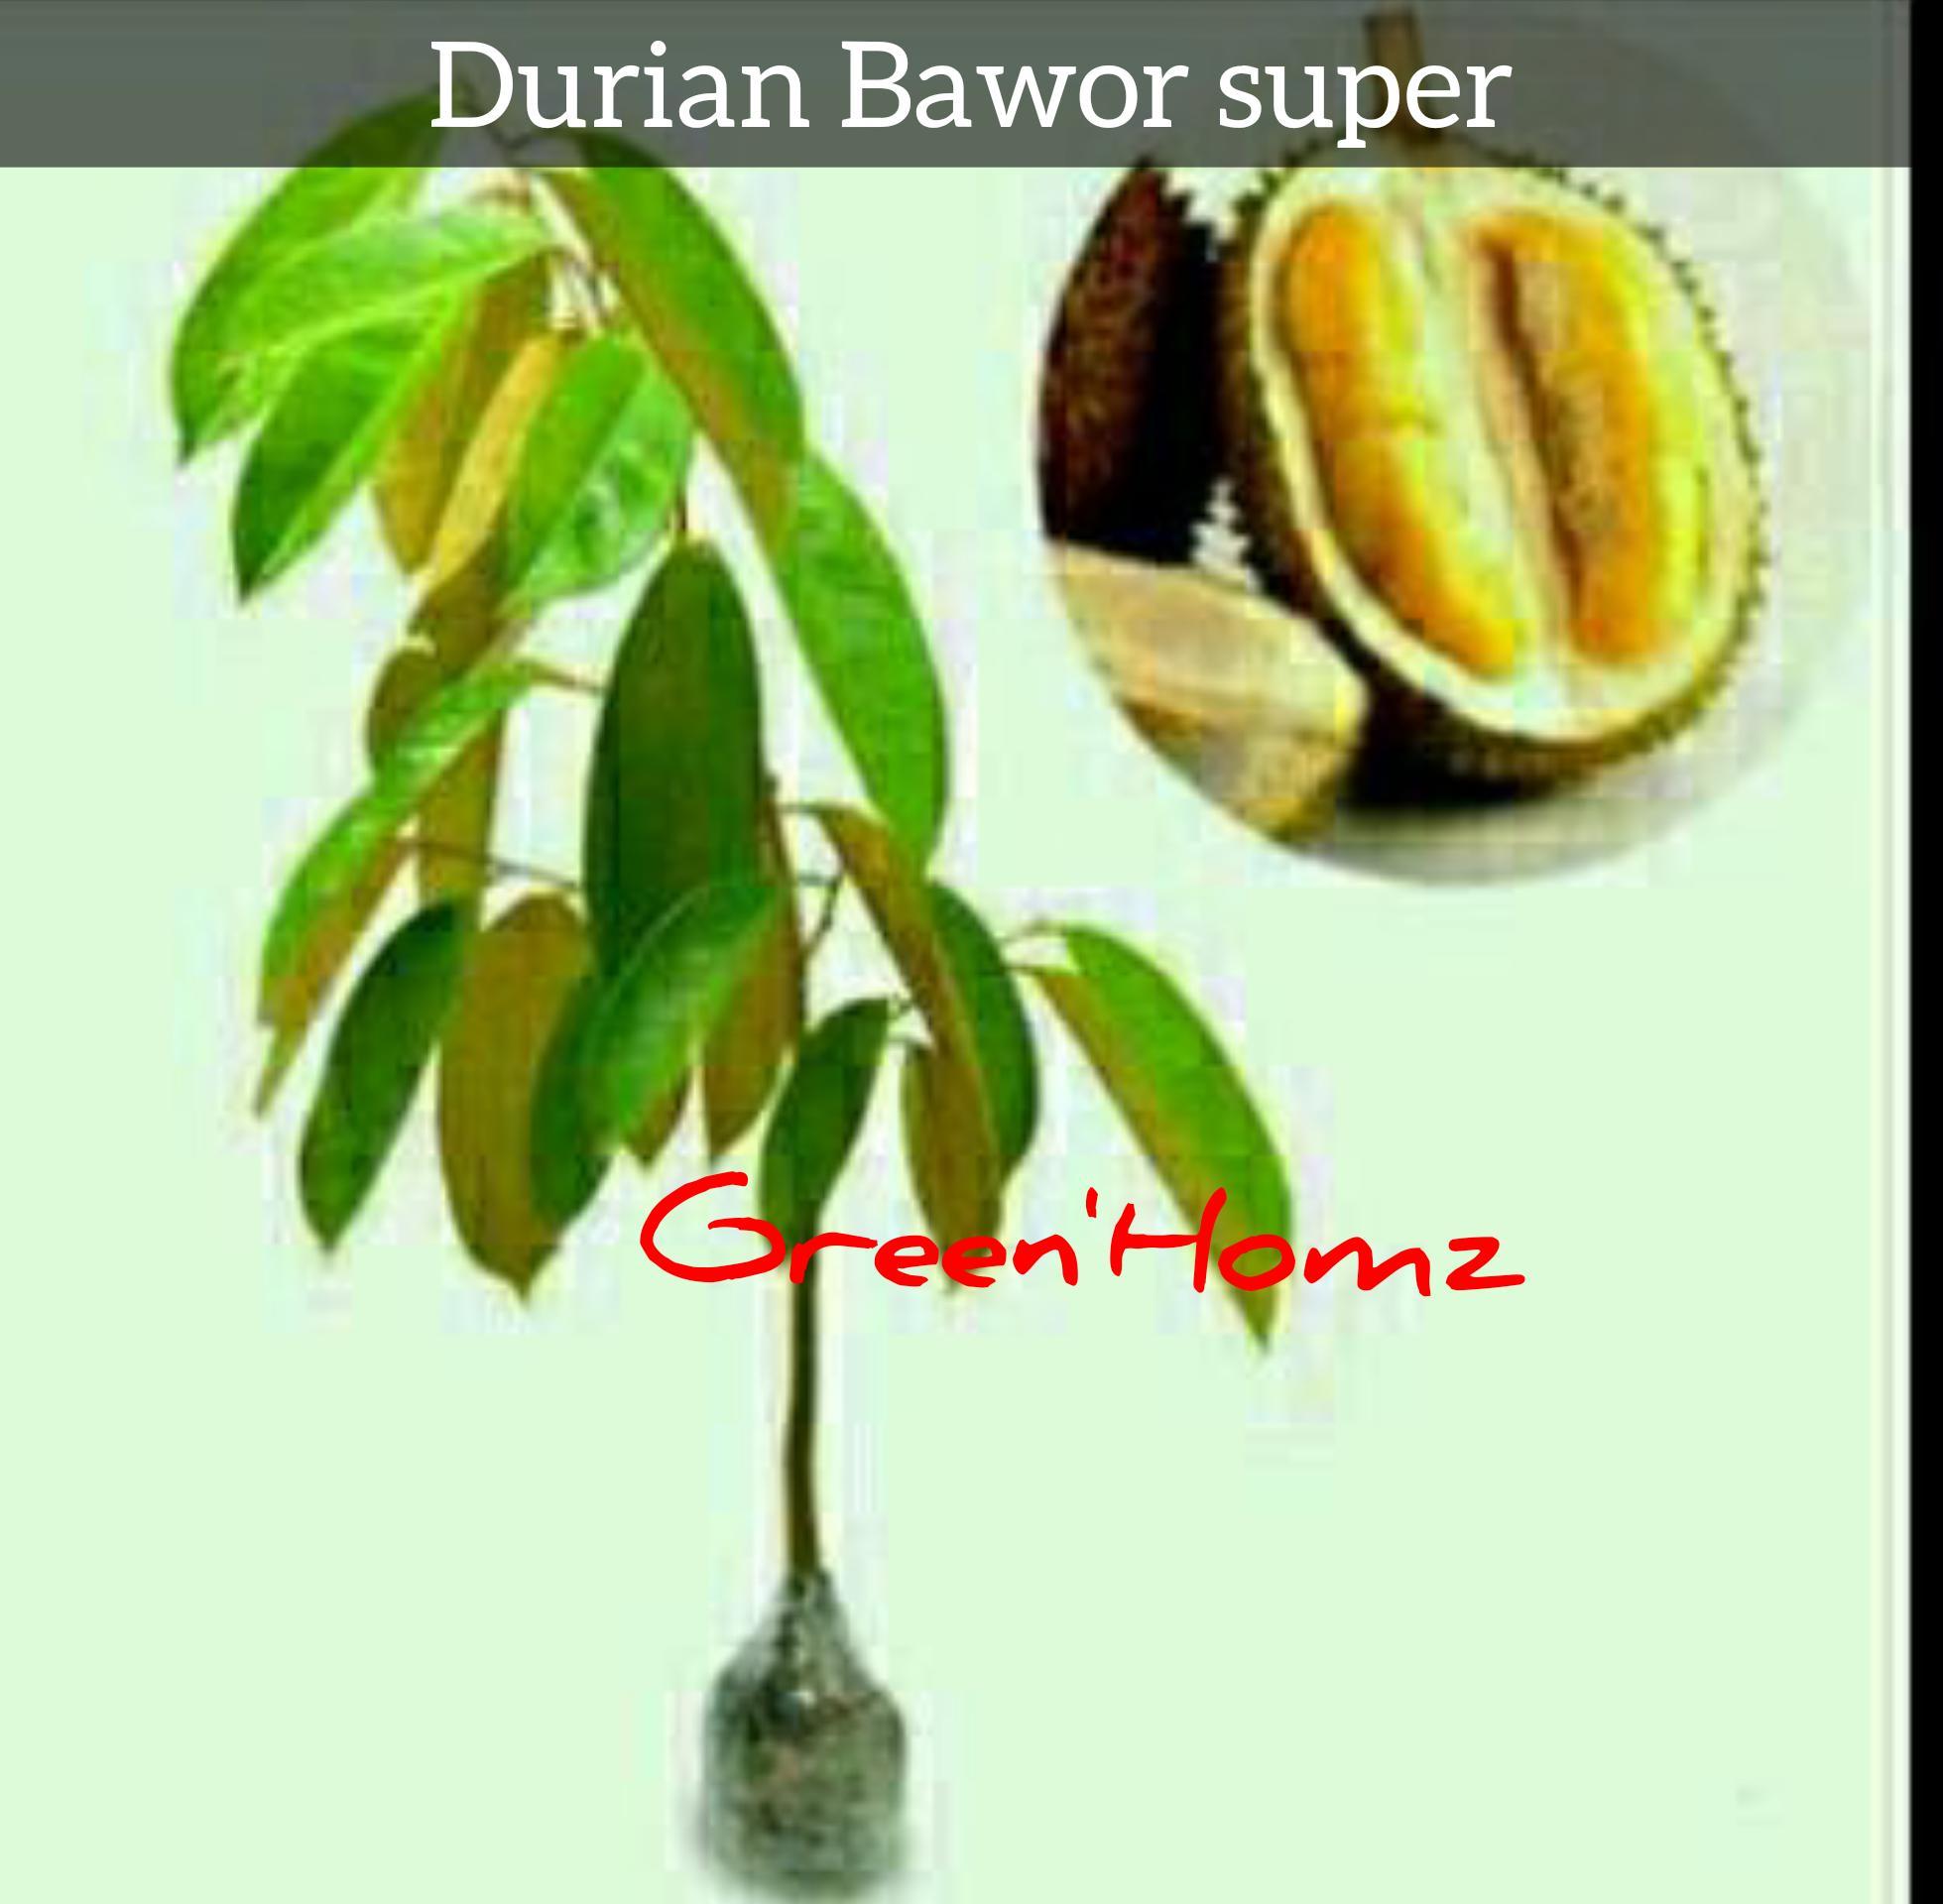 bibit durian bawor super/bawor unggulan